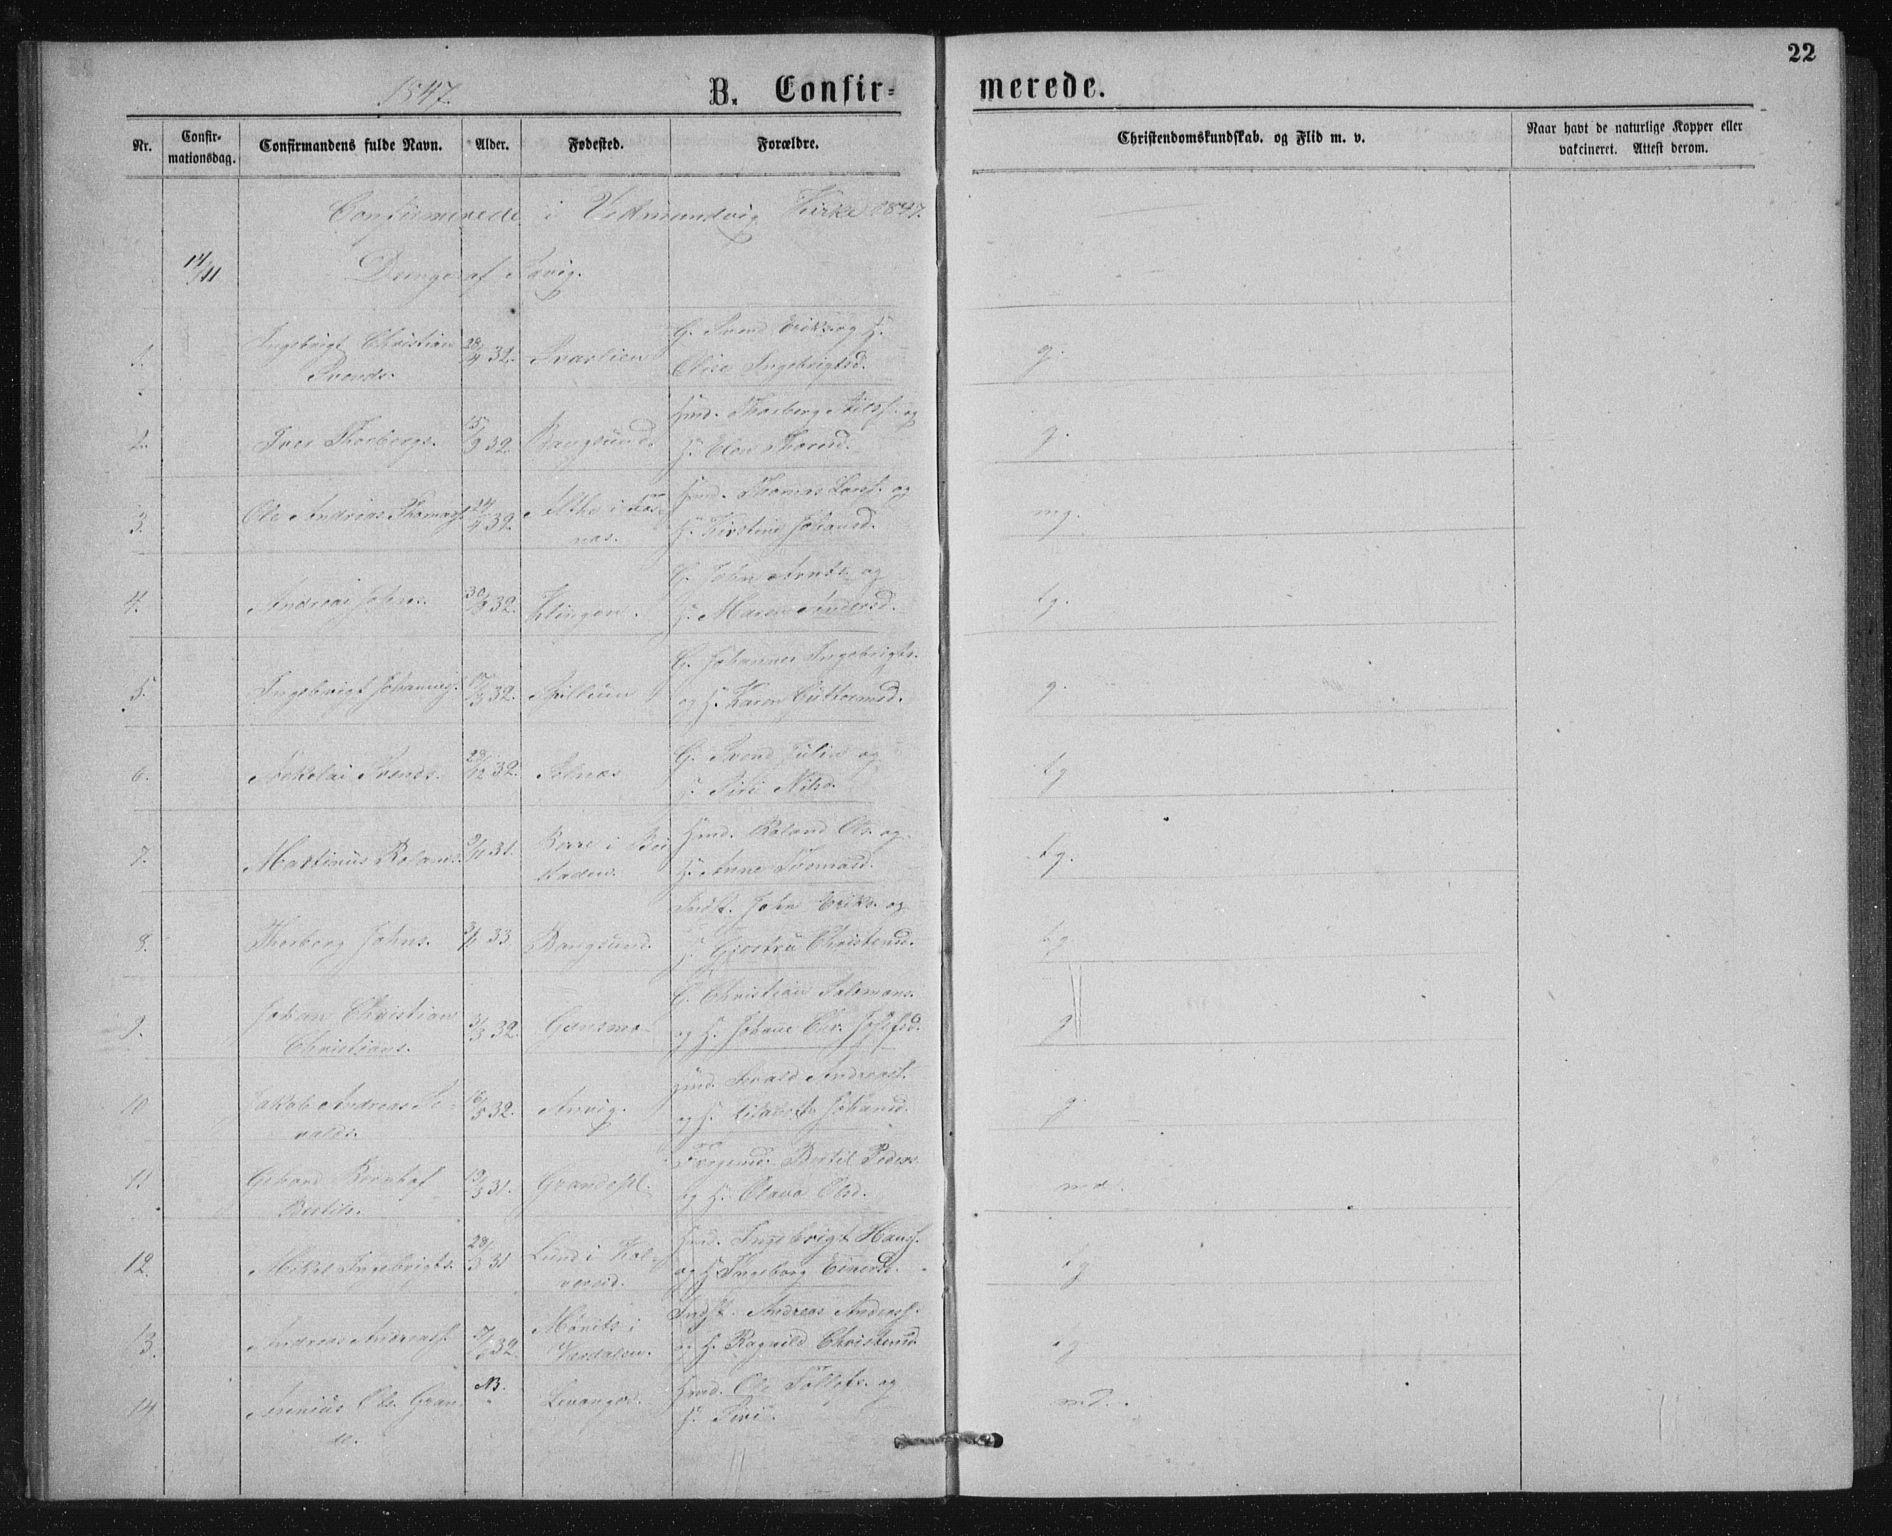 SAT, Ministerialprotokoller, klokkerbøker og fødselsregistre - Nord-Trøndelag, 768/L0567: Ministerialbok nr. 768A02, 1837-1865, s. 22